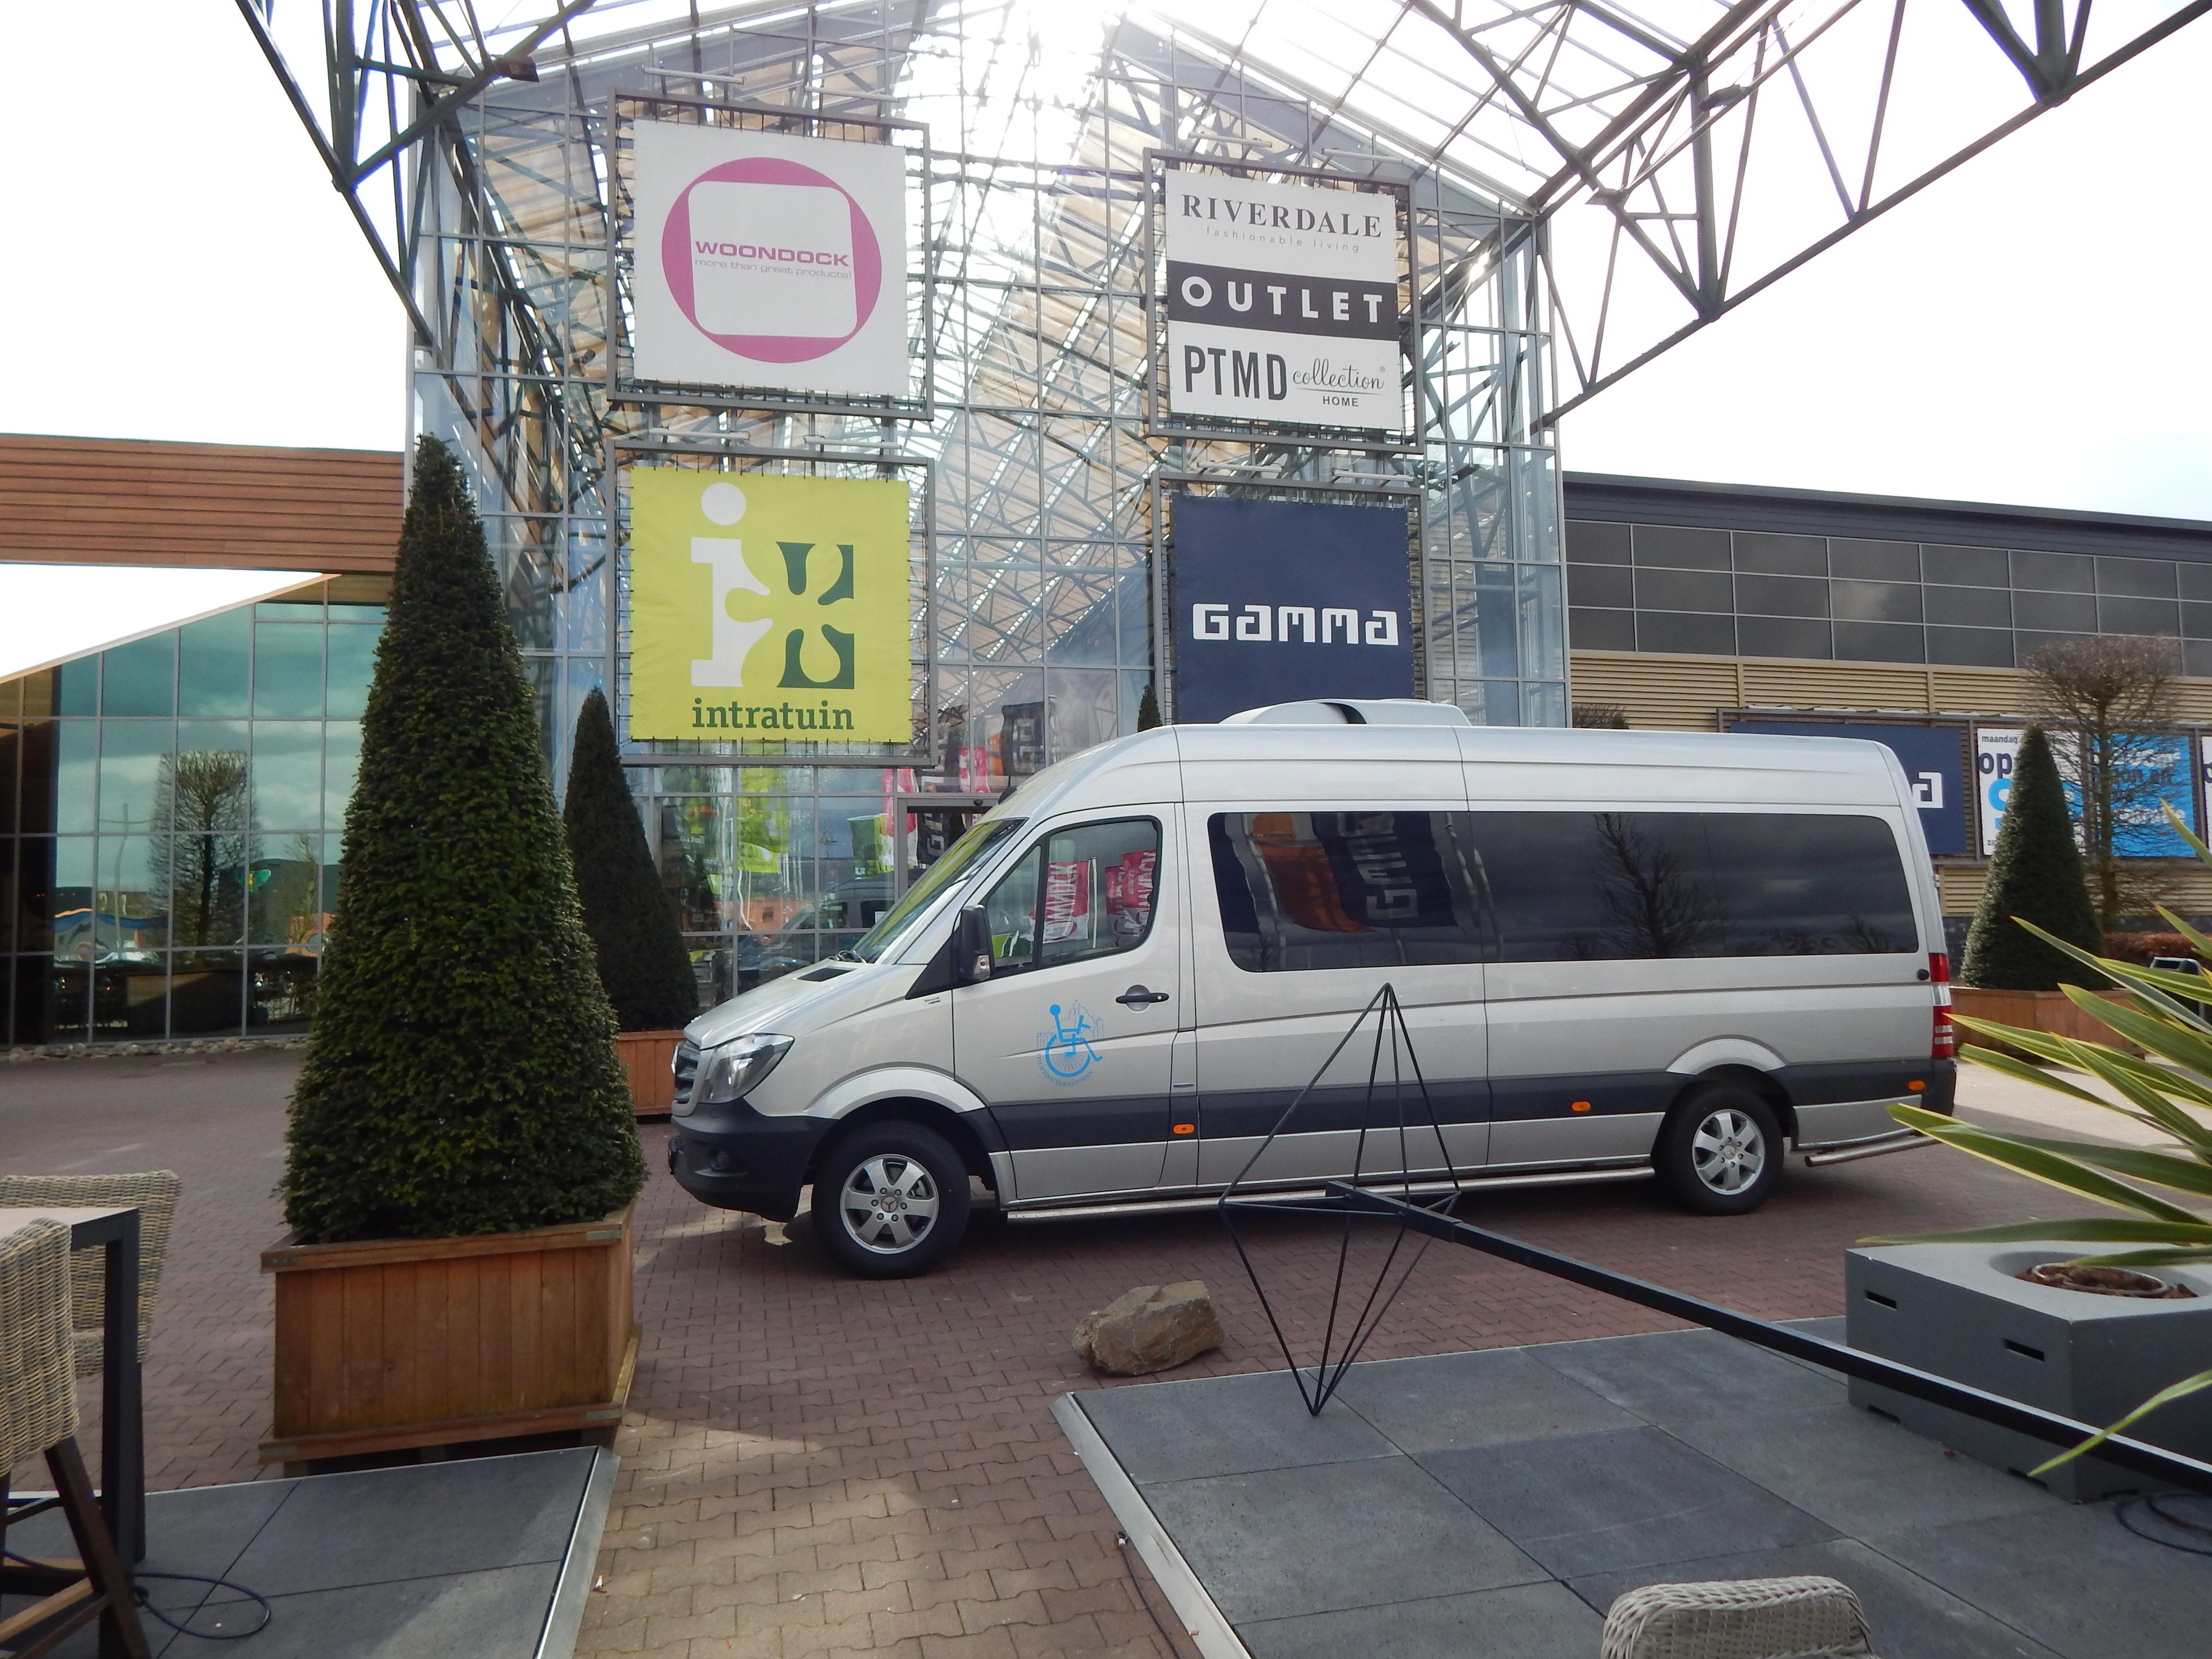 Nieuws stichting bus zutphen for Intratuin zutphen